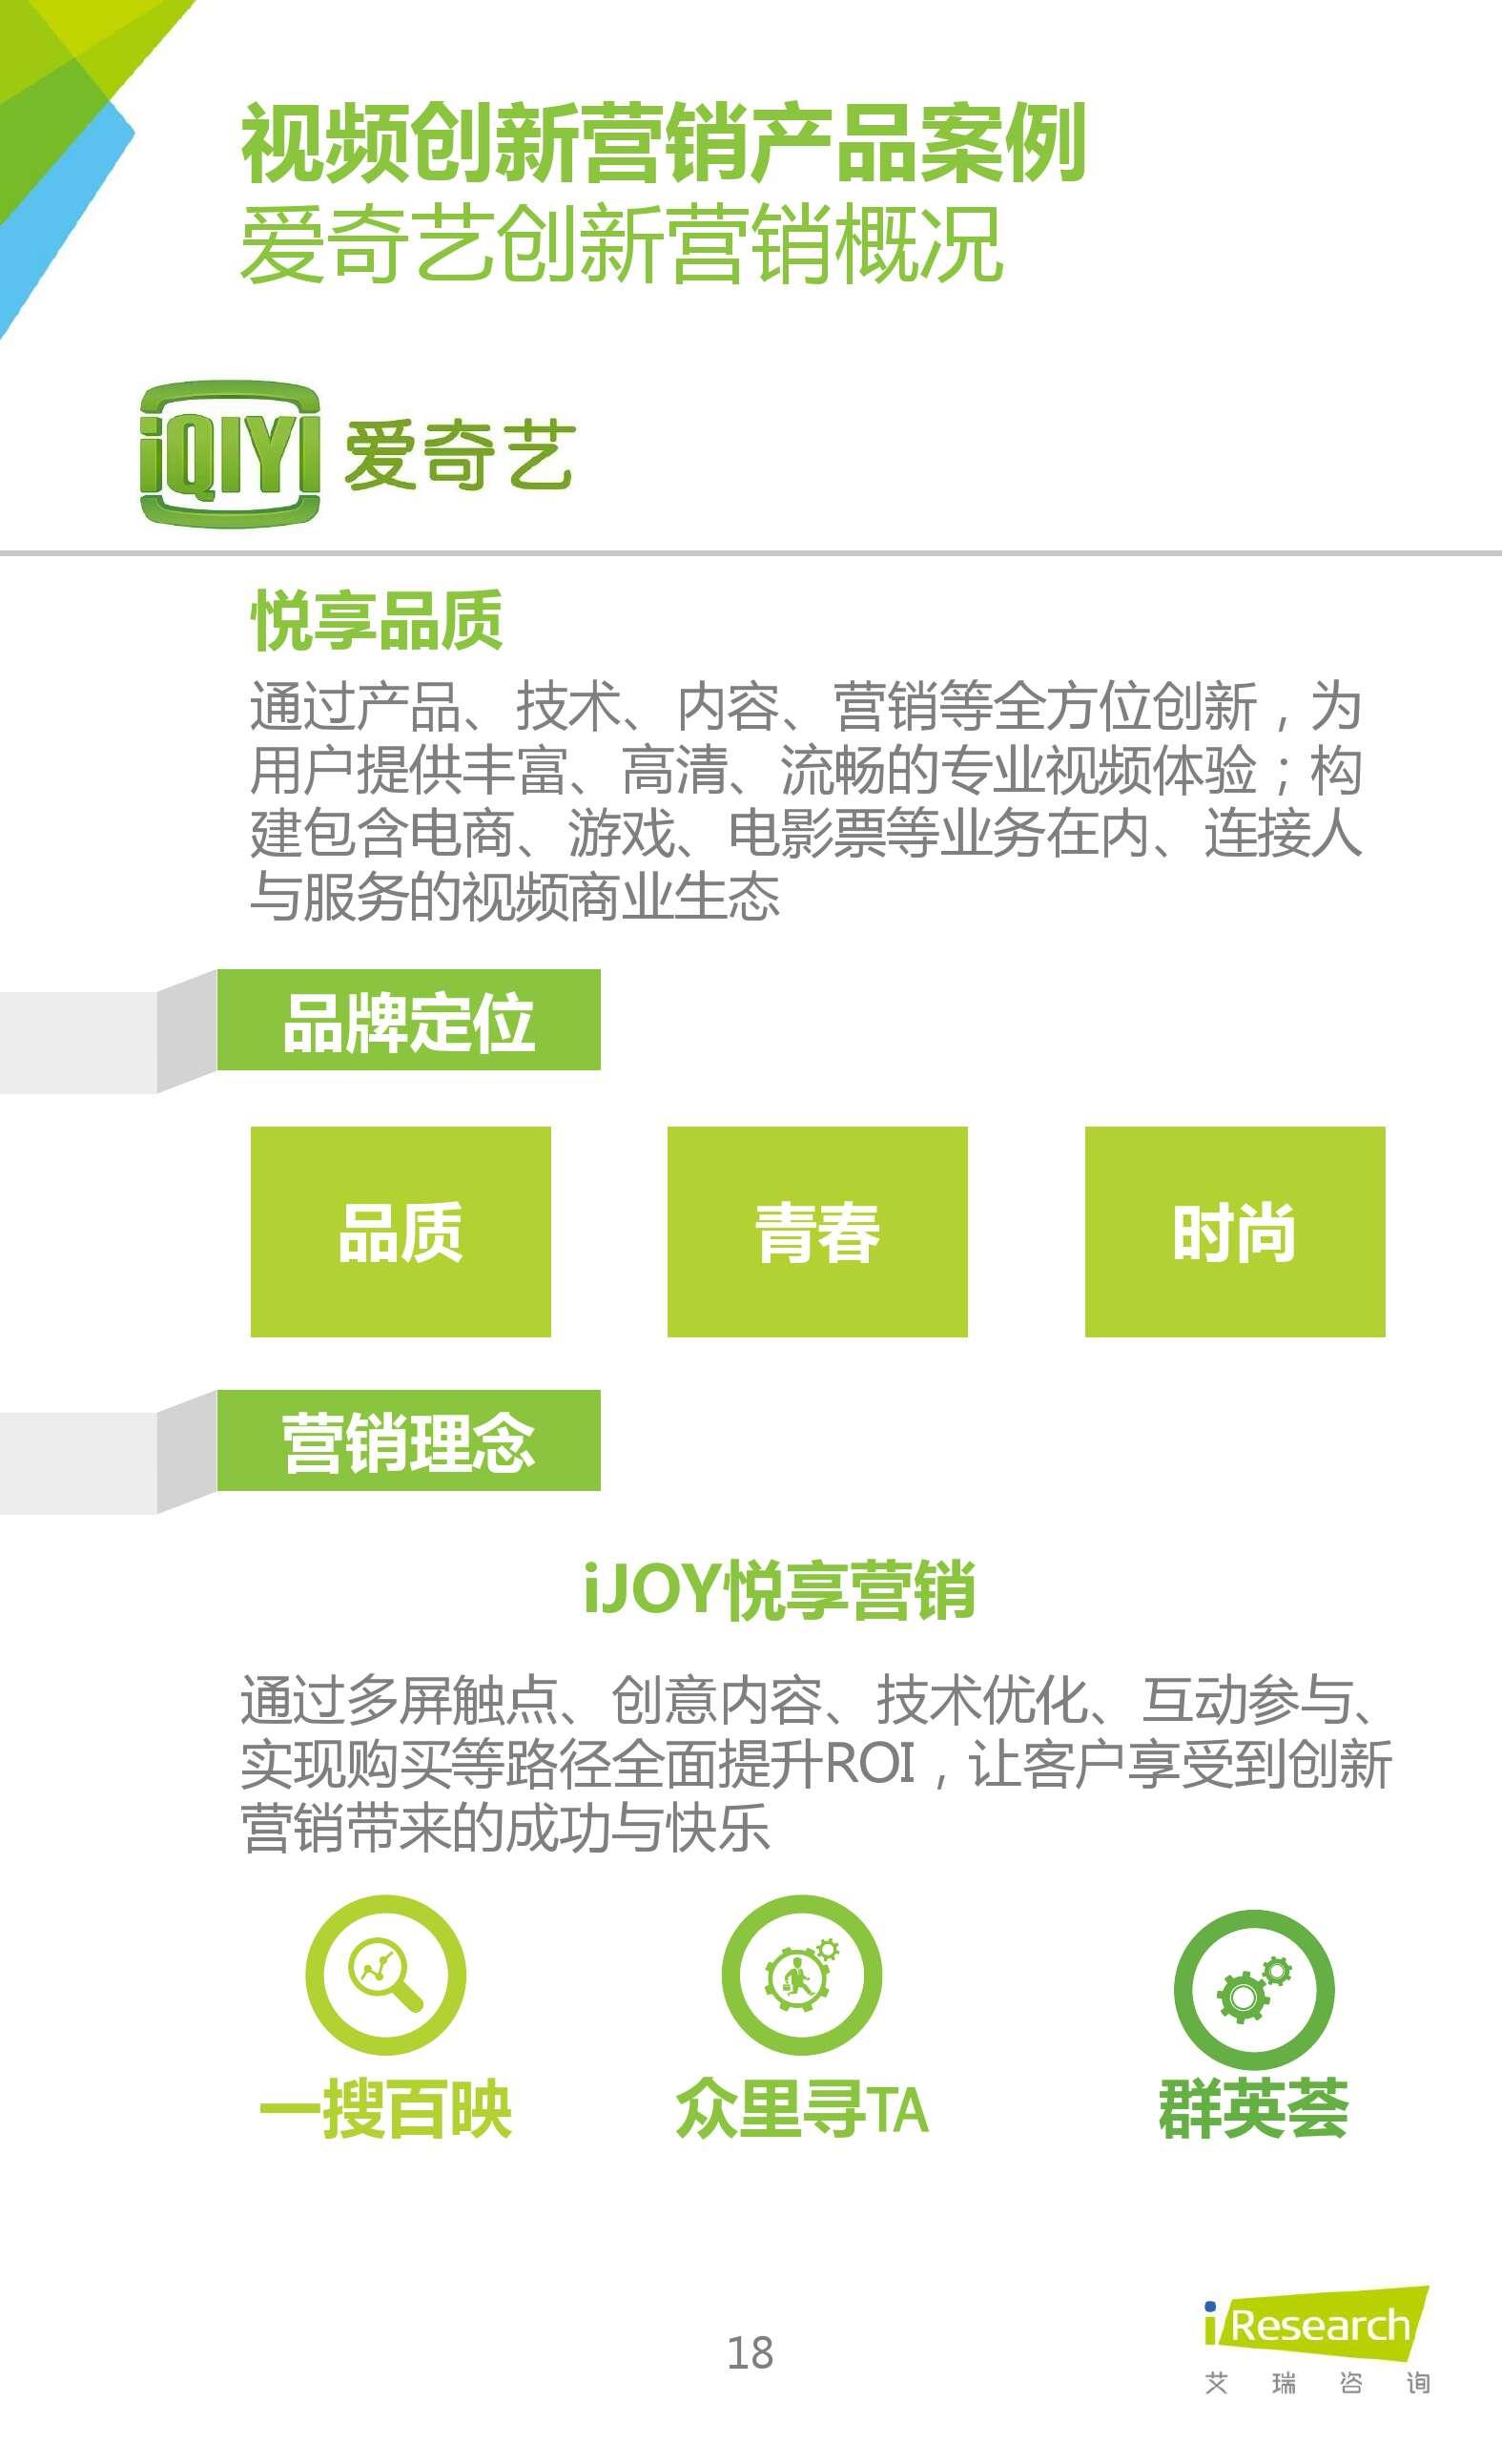 2016年中国在线视频企业创新营销研究_000018